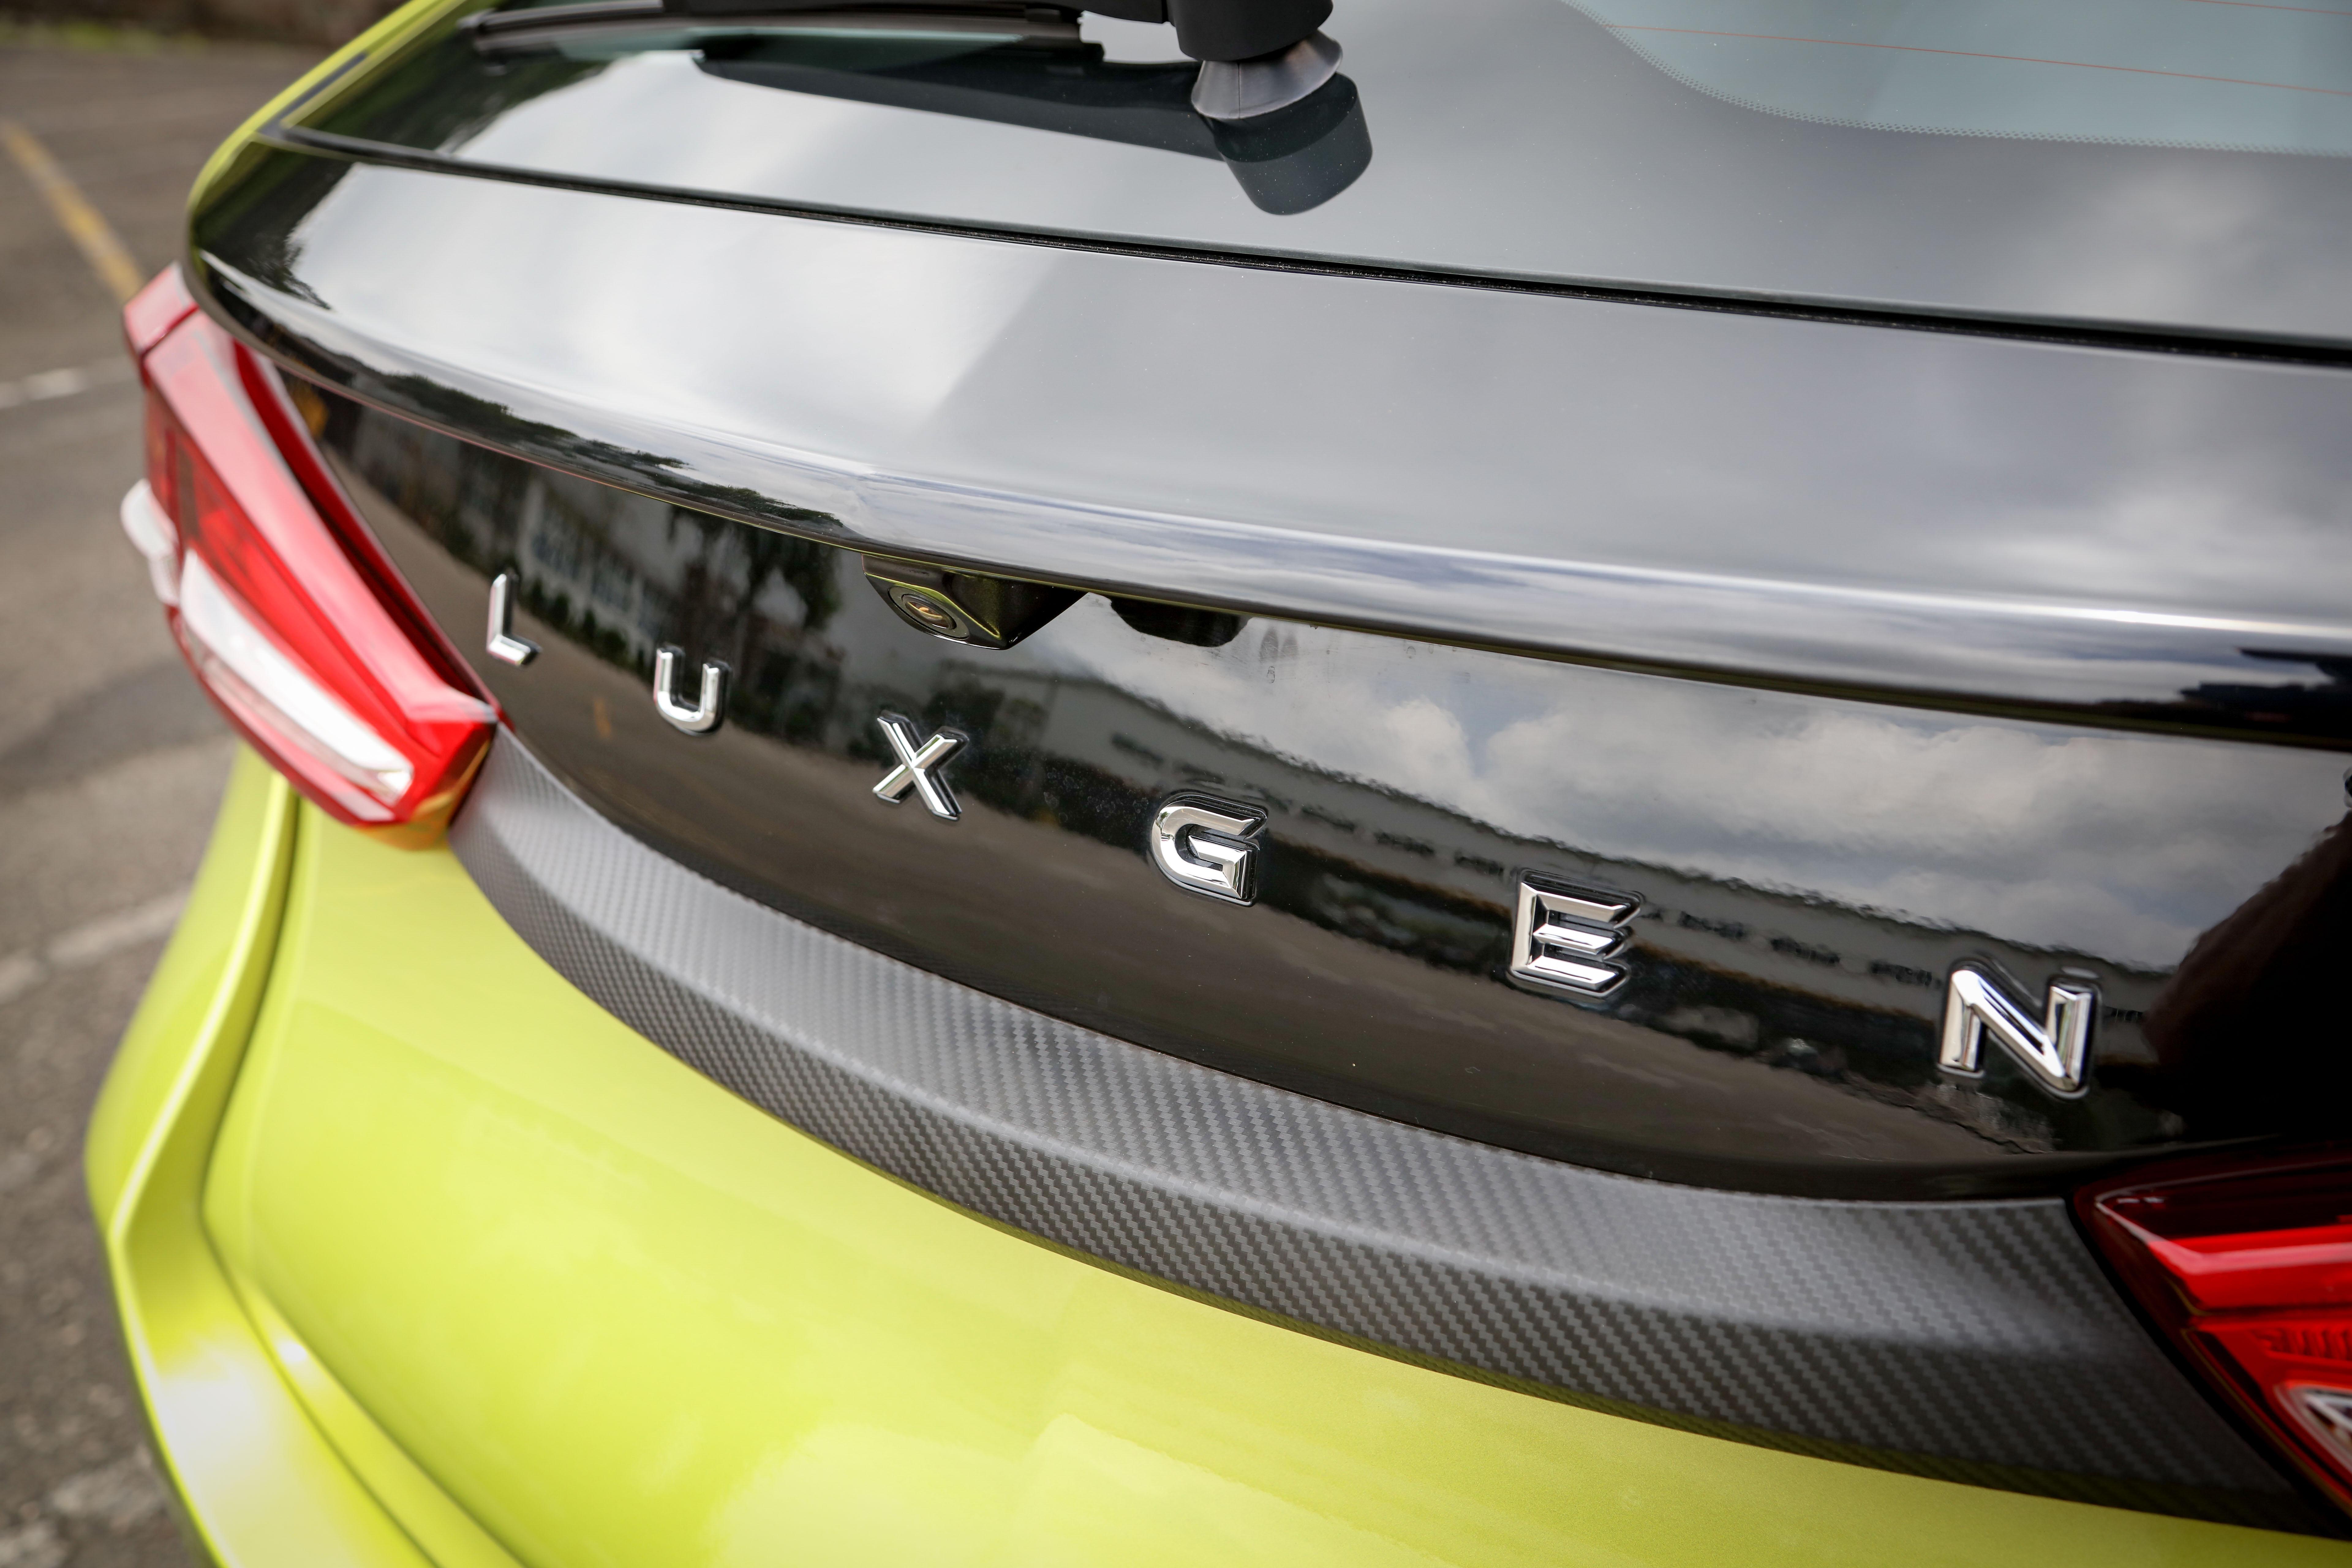 【新事】比想像中的貴?Luxgen U5不負責市場狀況分析